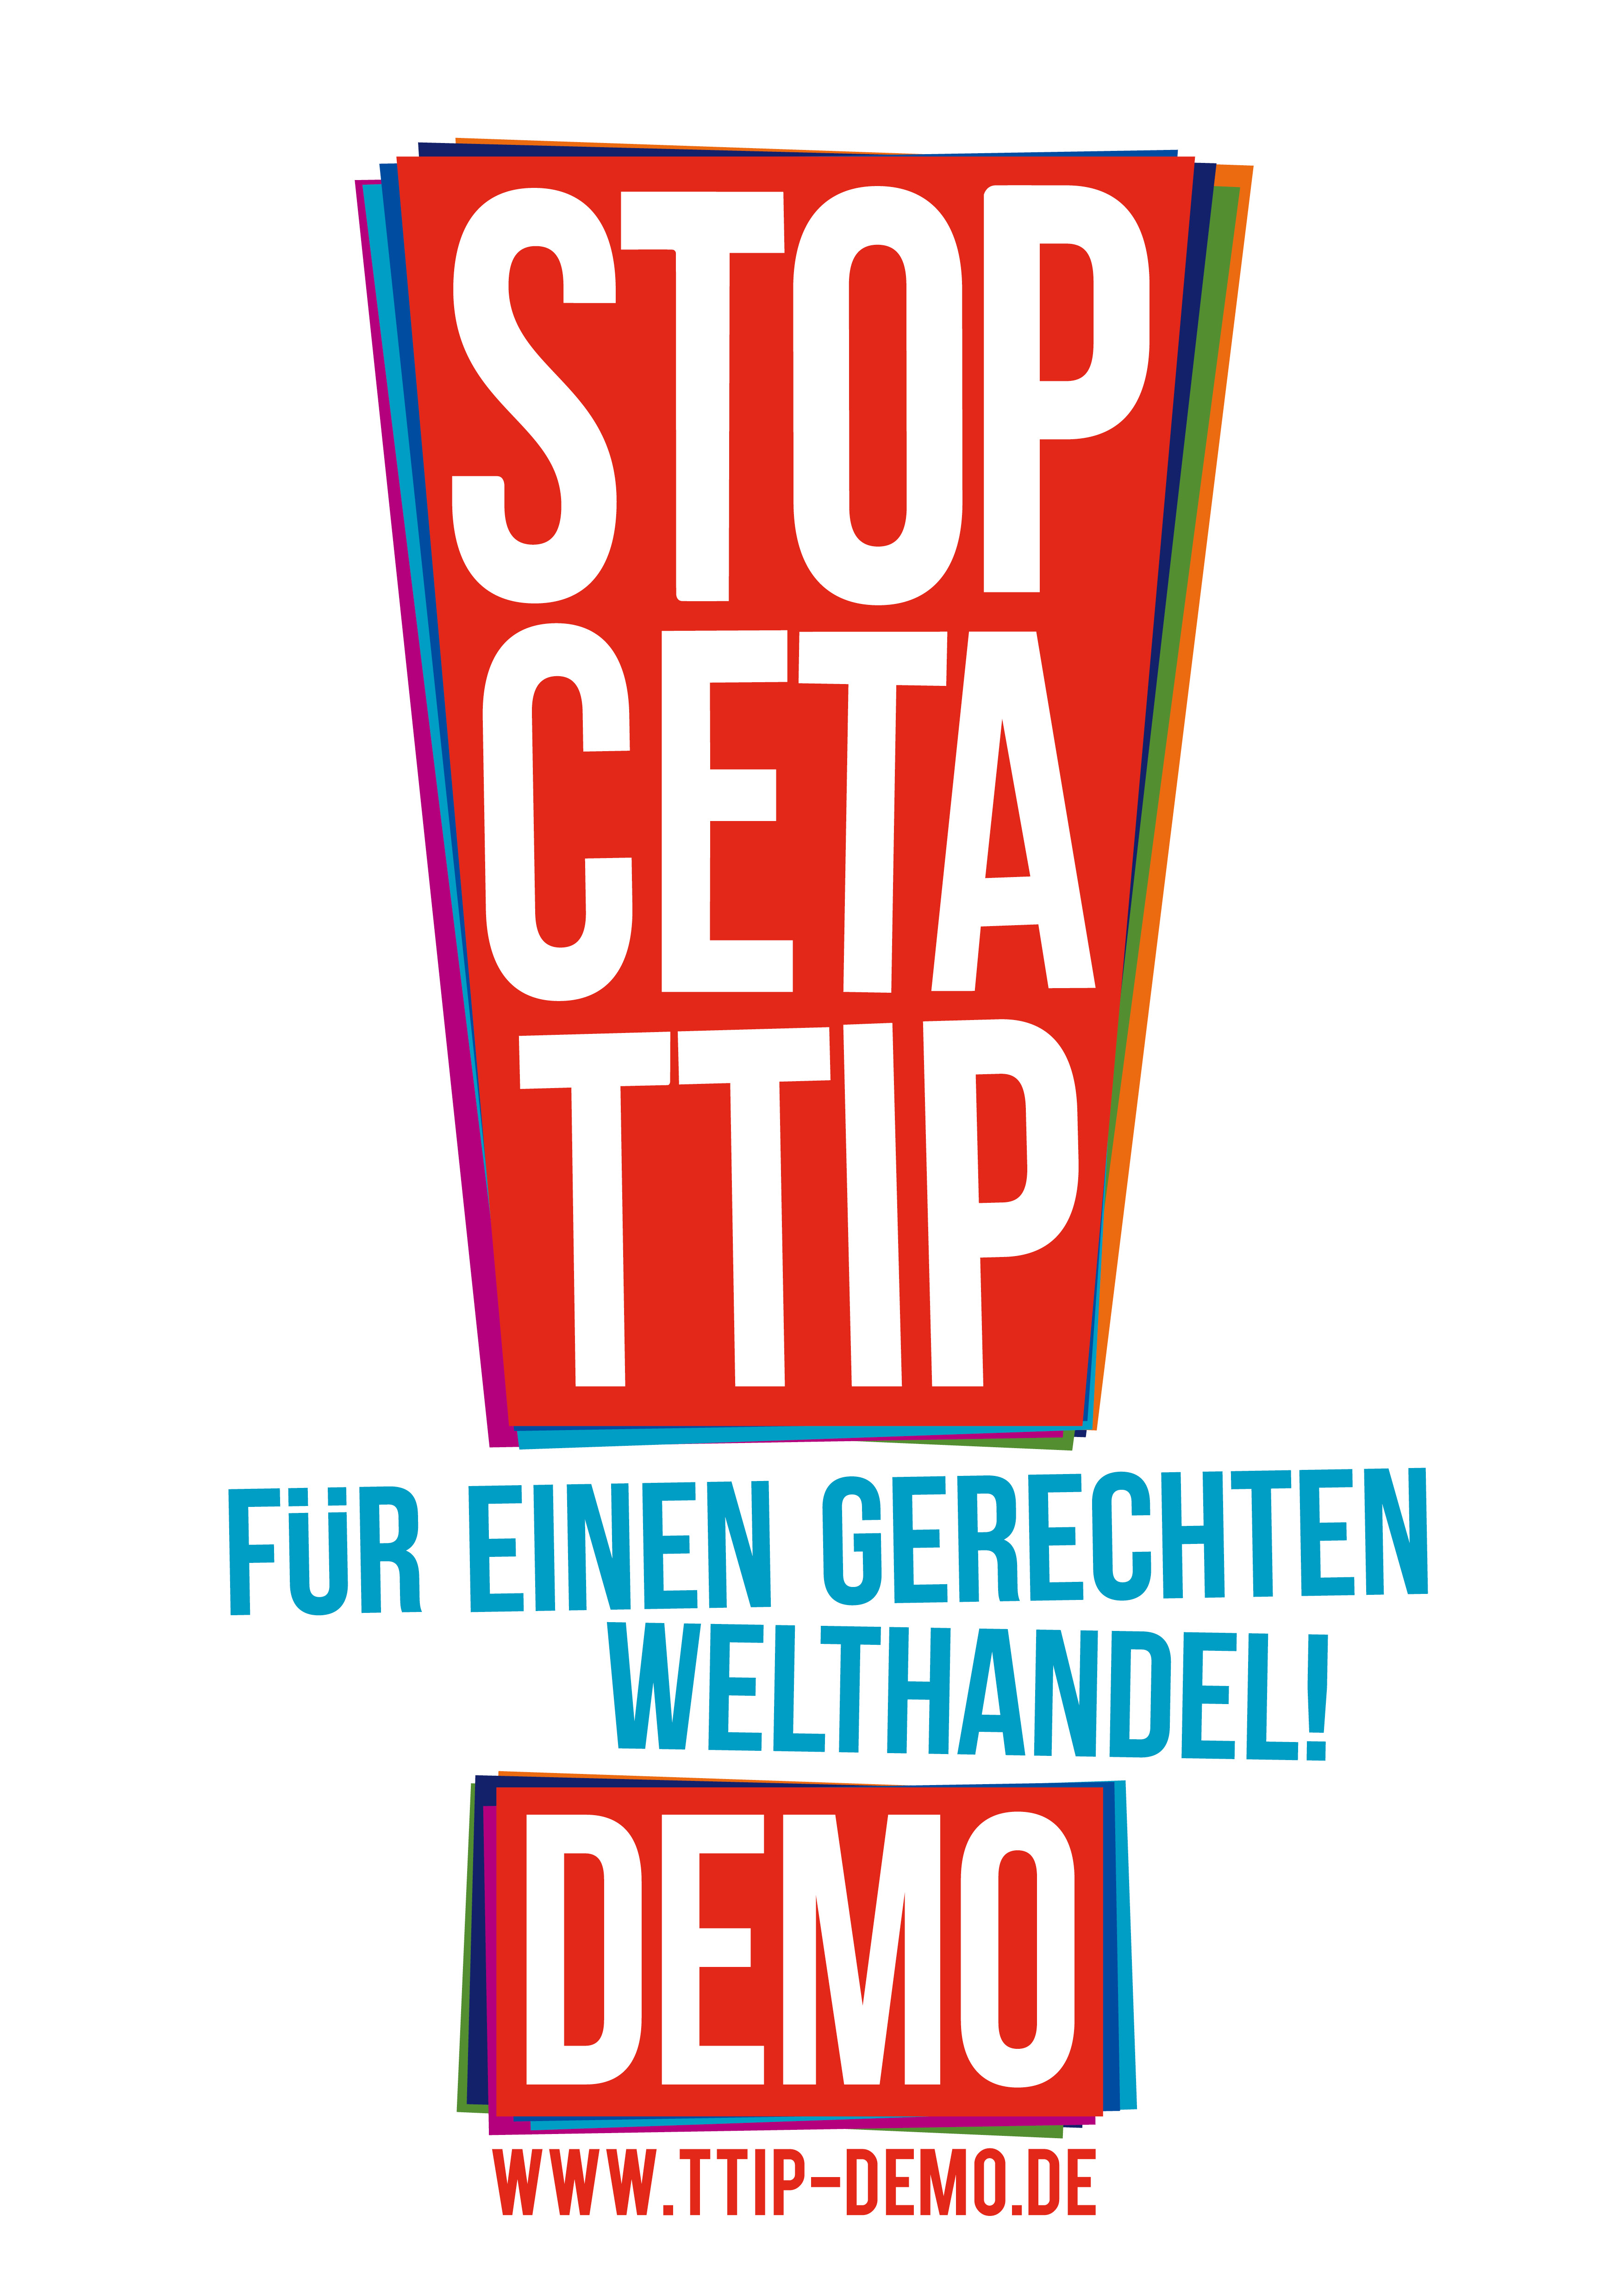 ceta_ttip_17_9_berlin